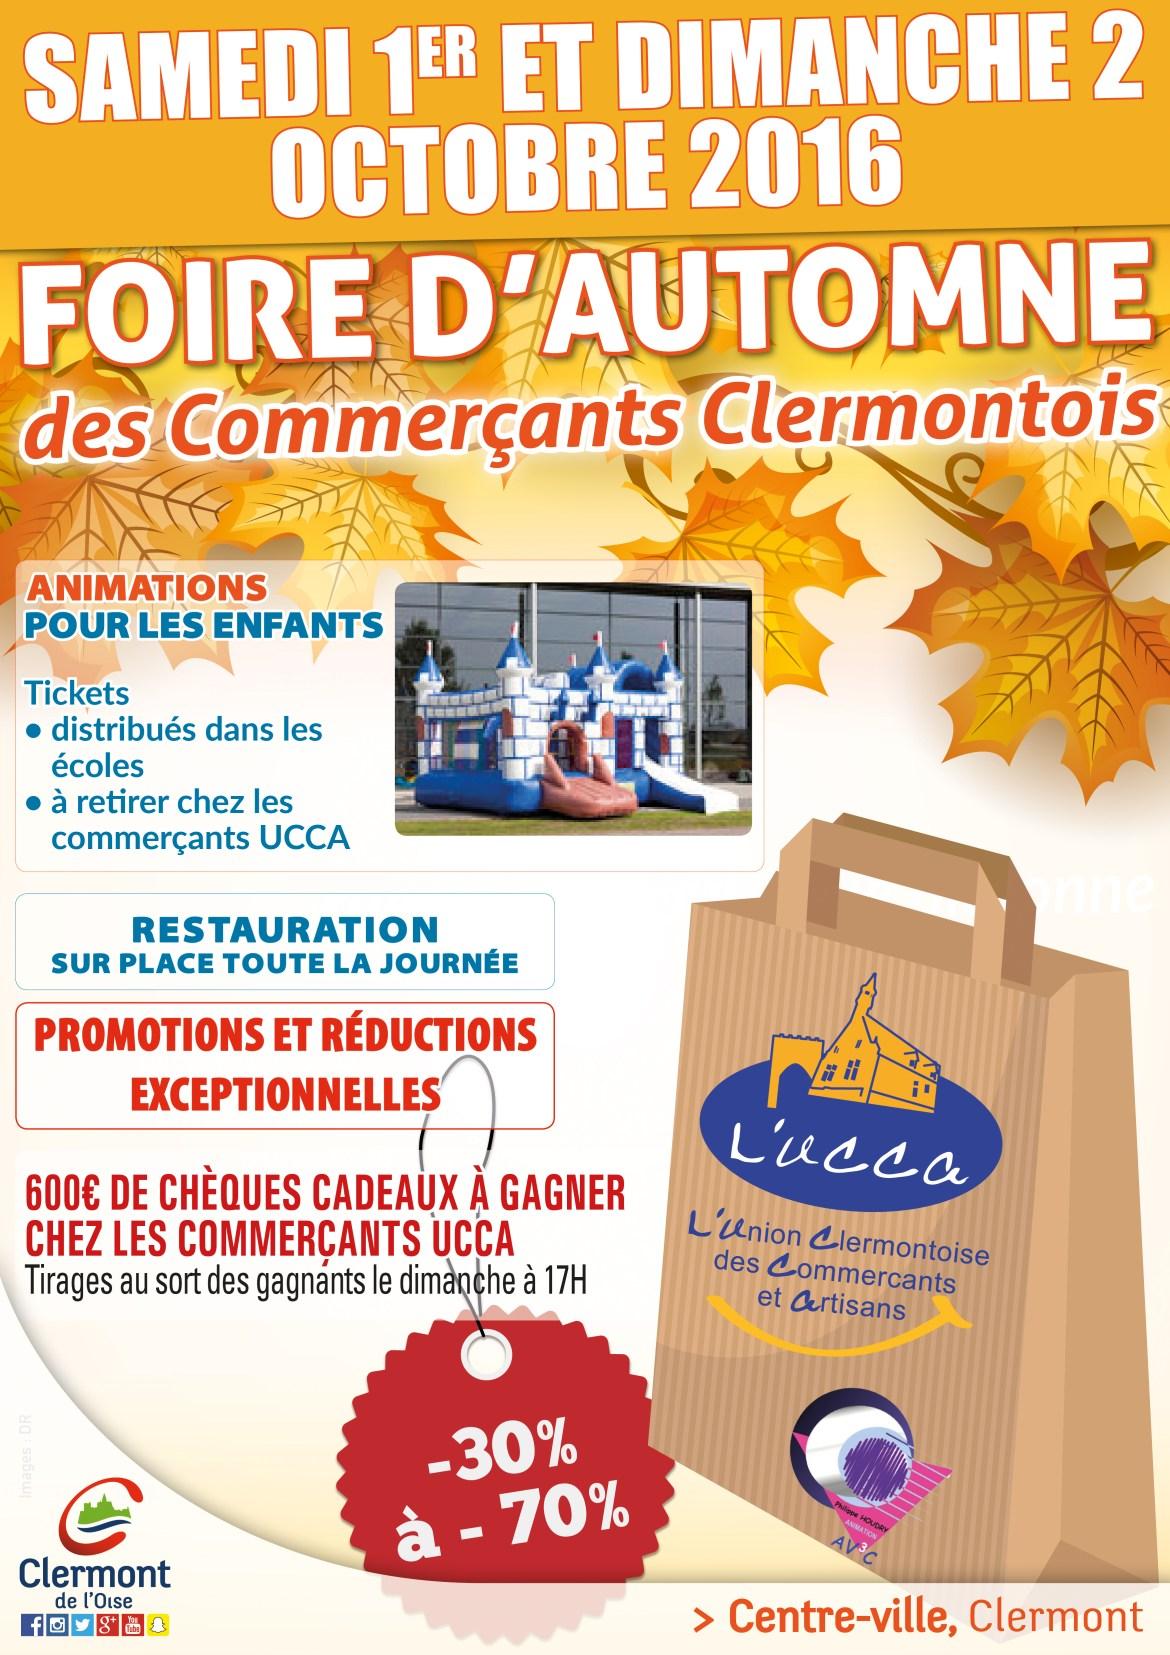 Foire d'Automne 2016 de l'Union Clermontoise des Commerçants et Artisans, samedi 1er et dimanche 2 octobre 2016